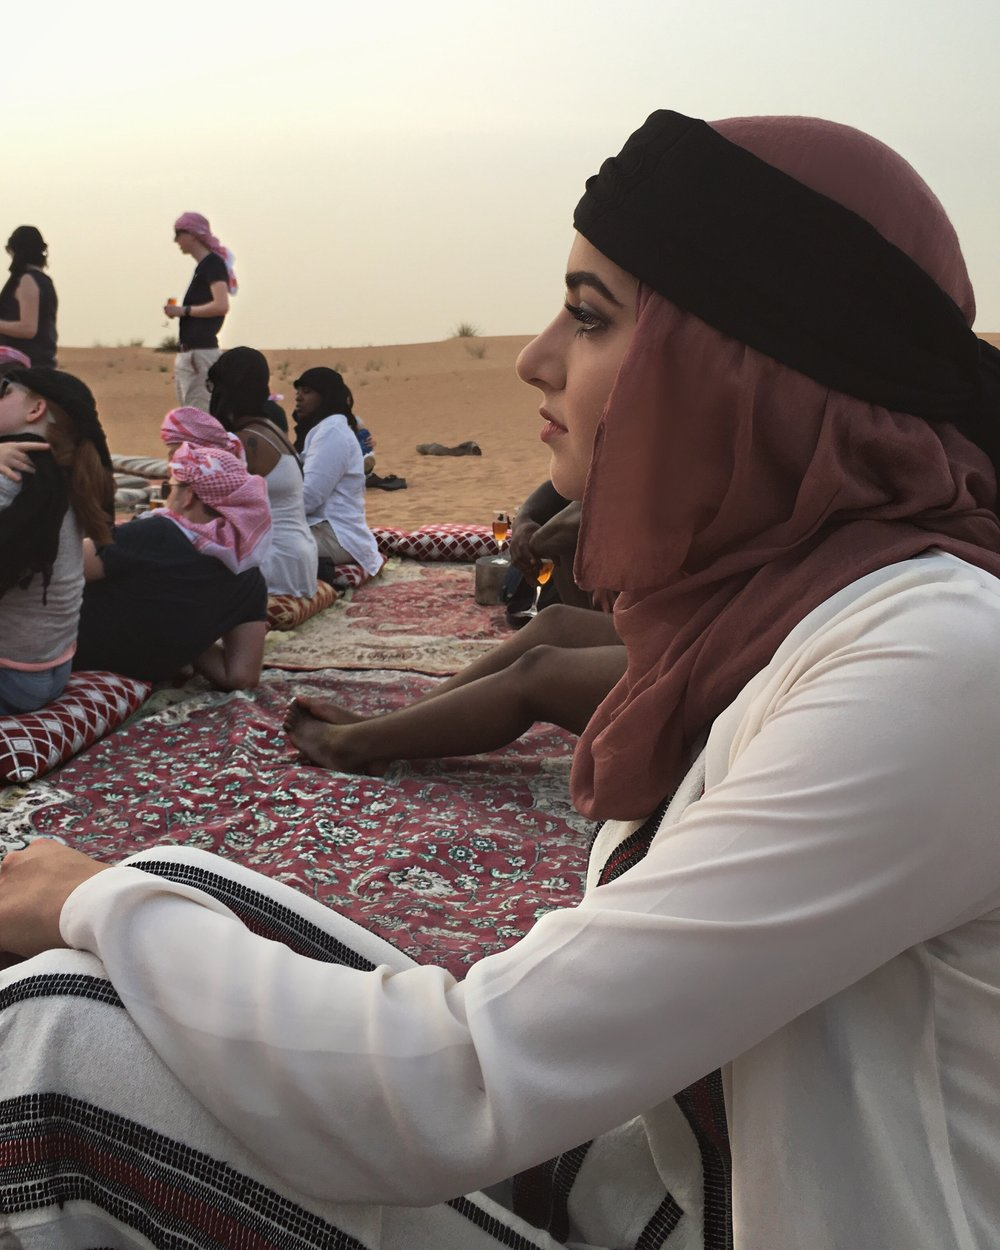 صور بنات دبي , صور جميلات دبى بنات حلوات